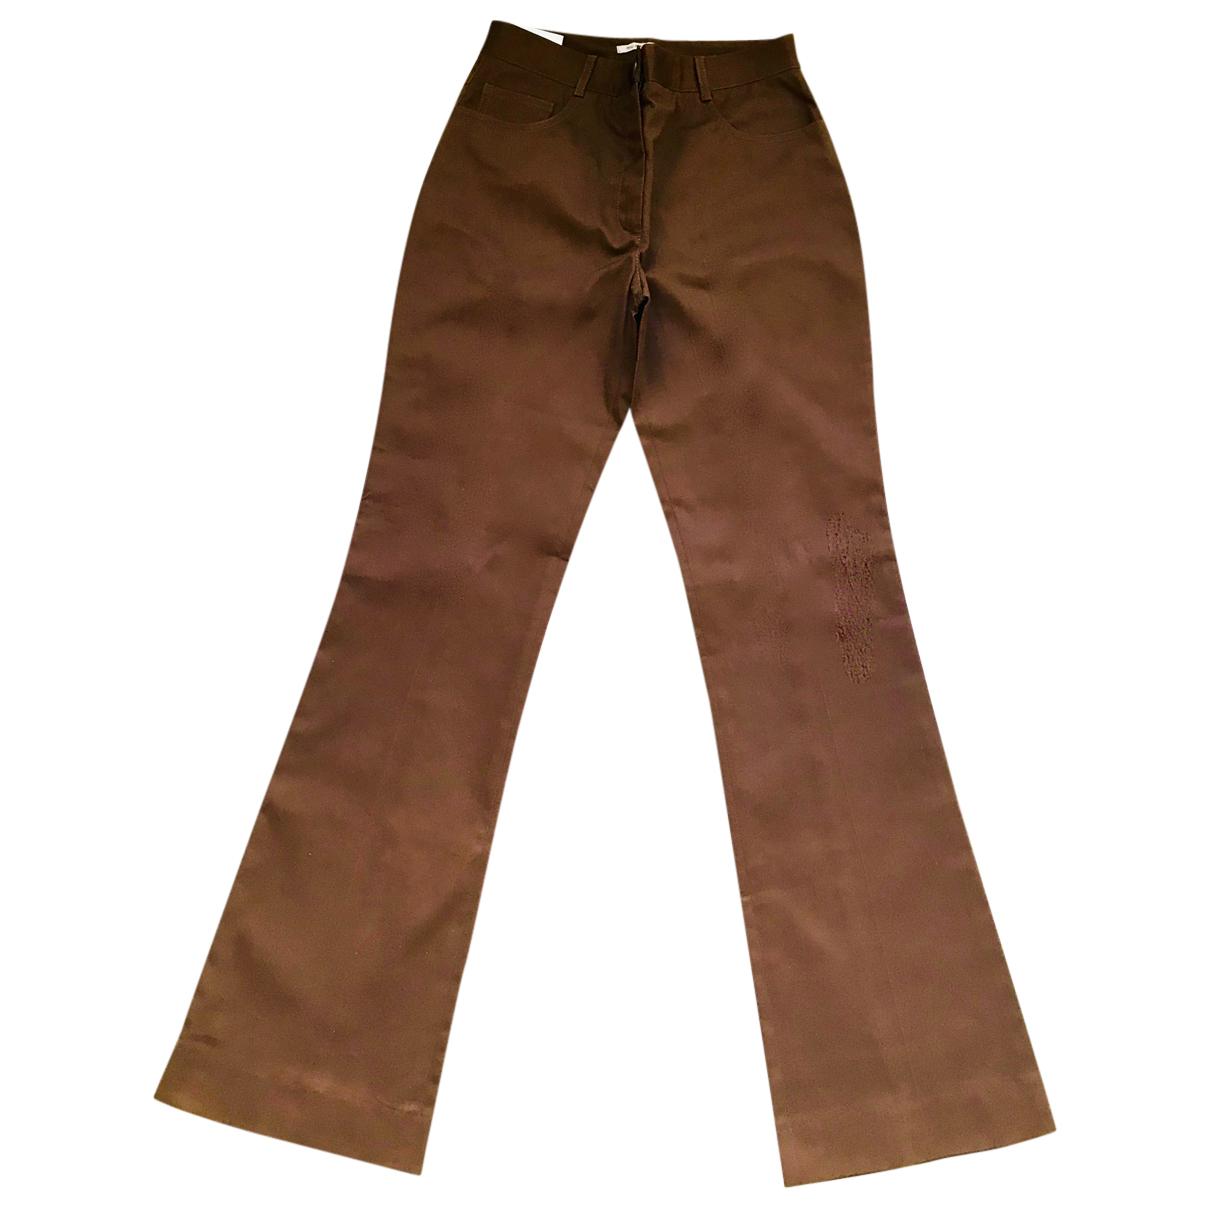 Miu Miu N Brown Cotton Trousers for Women 38 IT